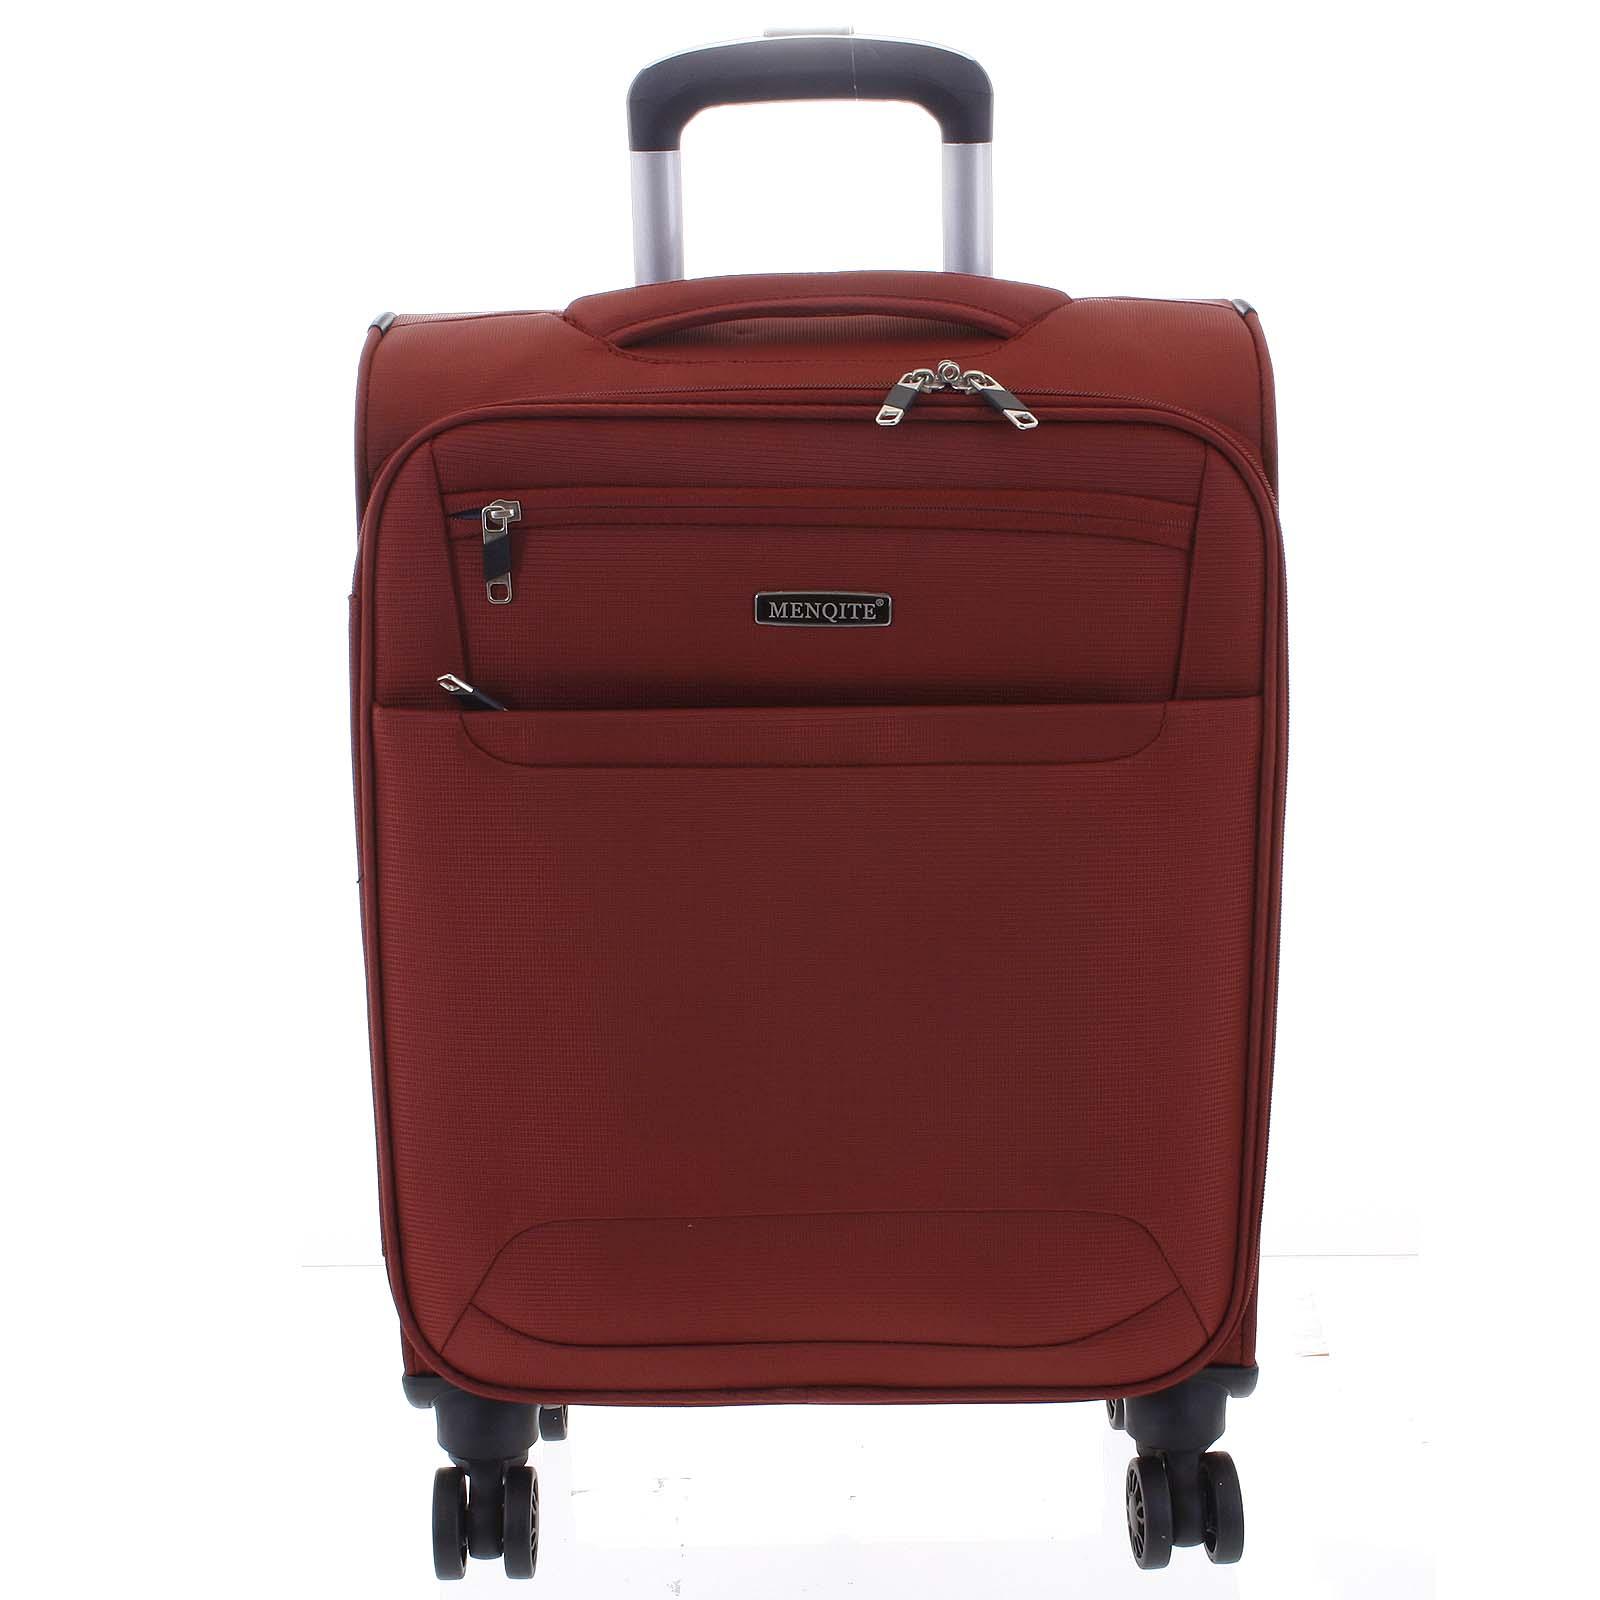 Nadčasový lehký látkový cestovní kufr červený - Menqite Timeless M